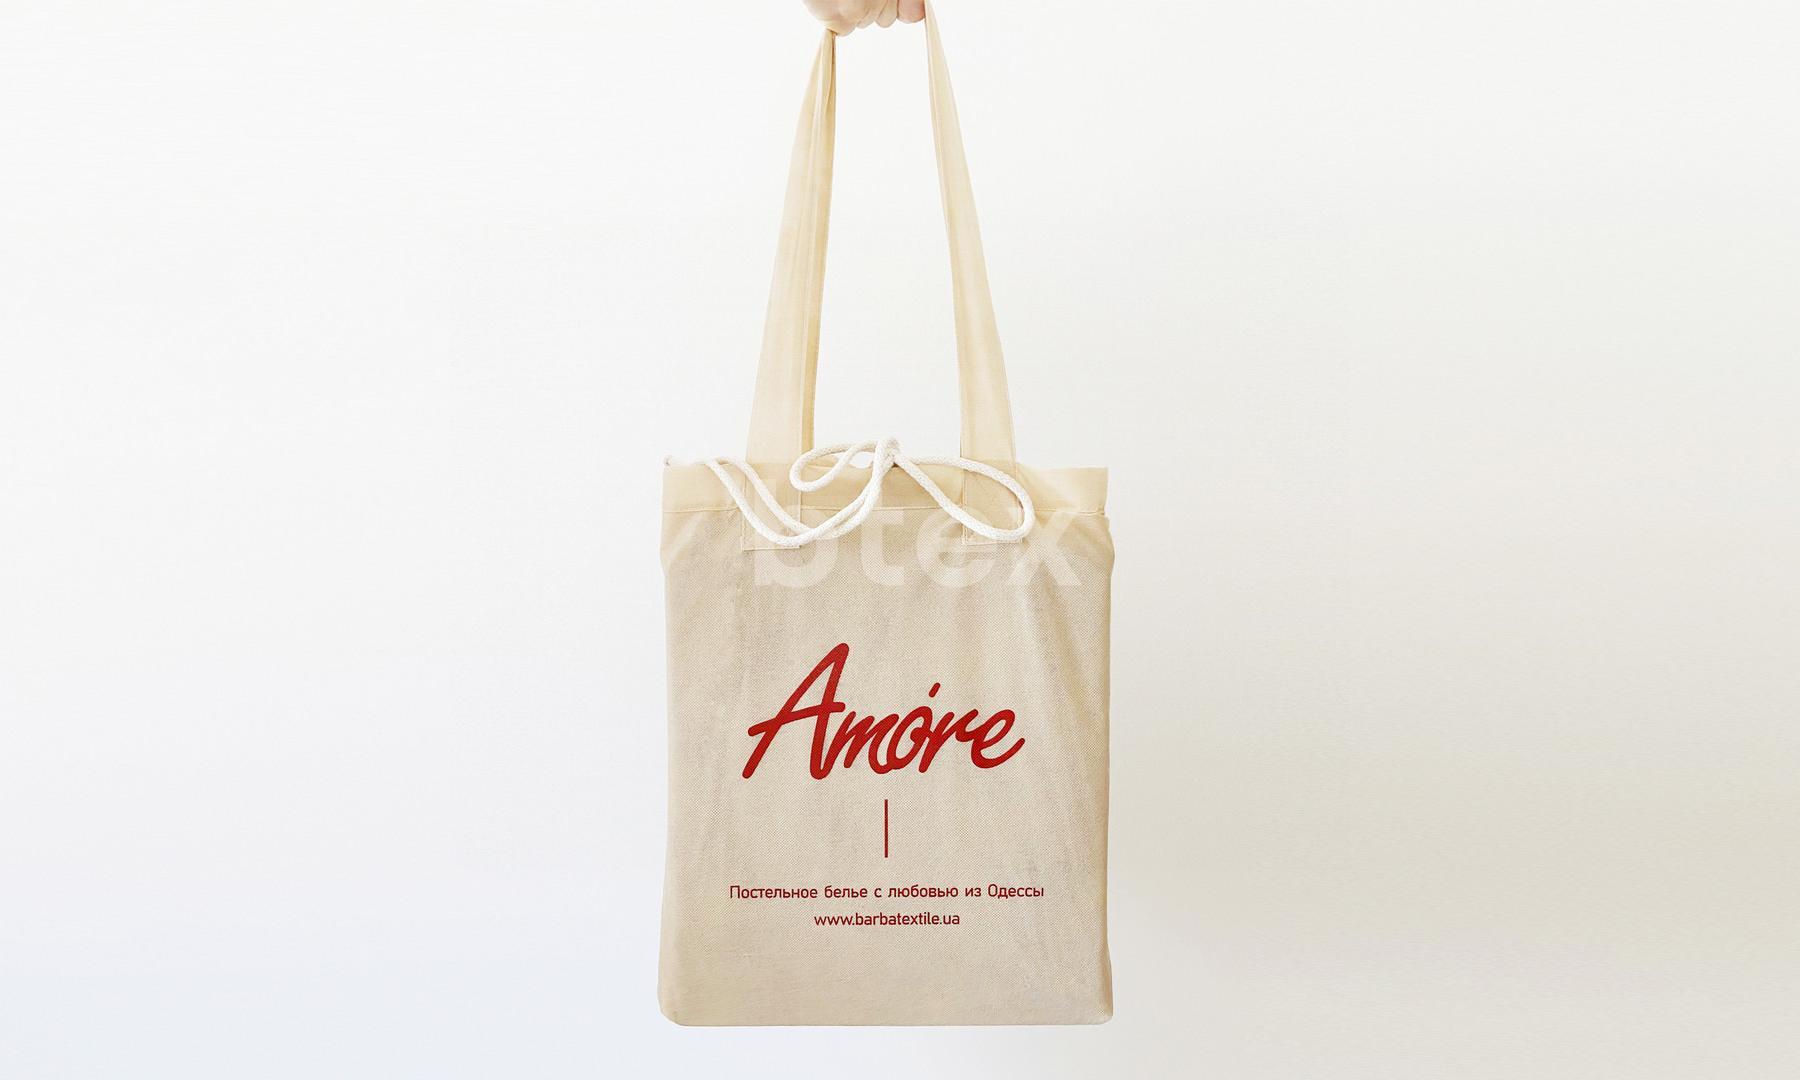 Комплект двуспальный Страйп-сатин в сумке фото-3